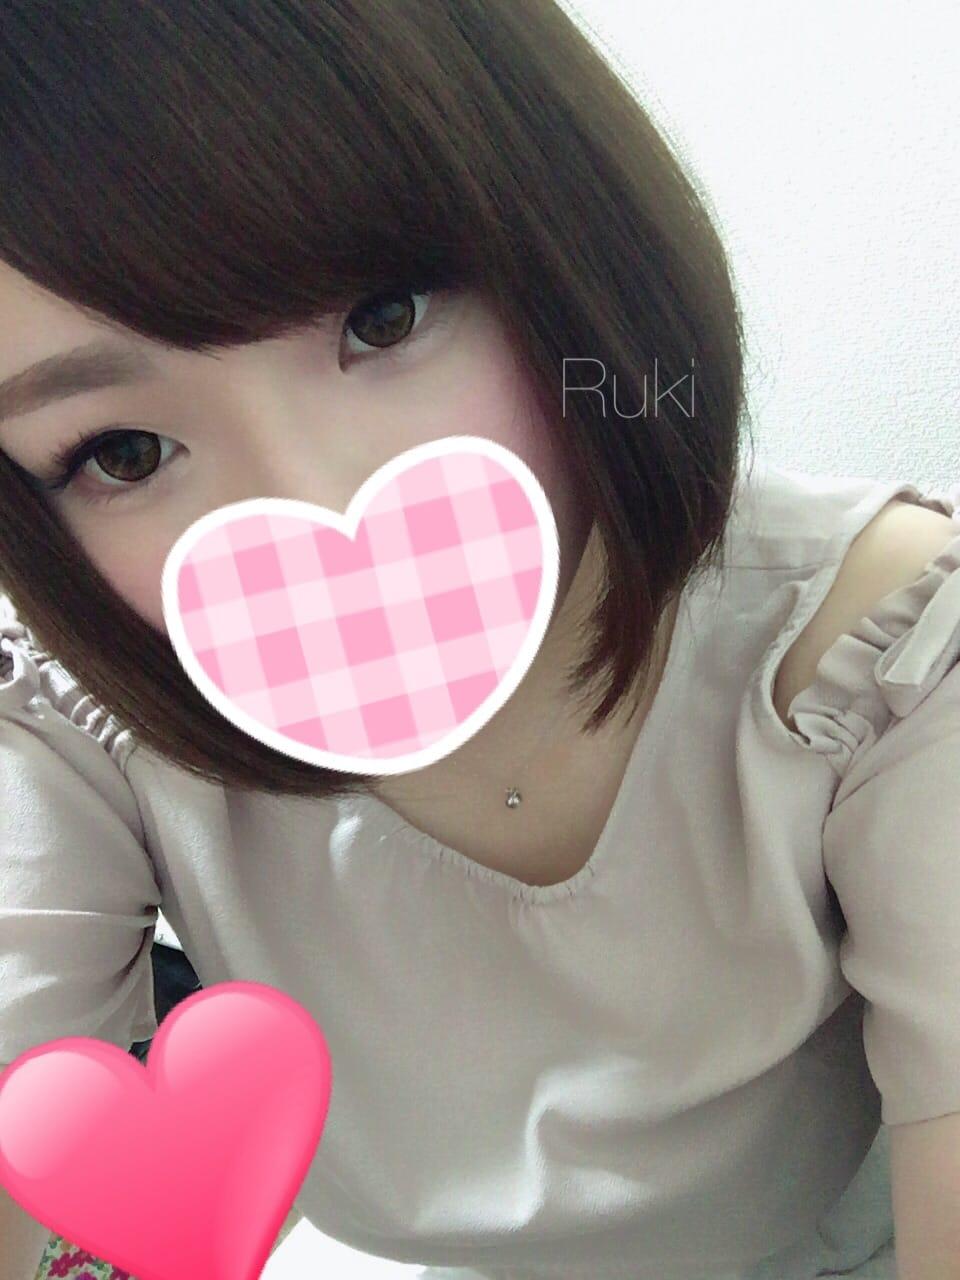 るき 癒し系HカップGIRL「出勤♡」09/24(日) 19:01 | るき 癒し系HカップGIRLの写メ・風俗動画